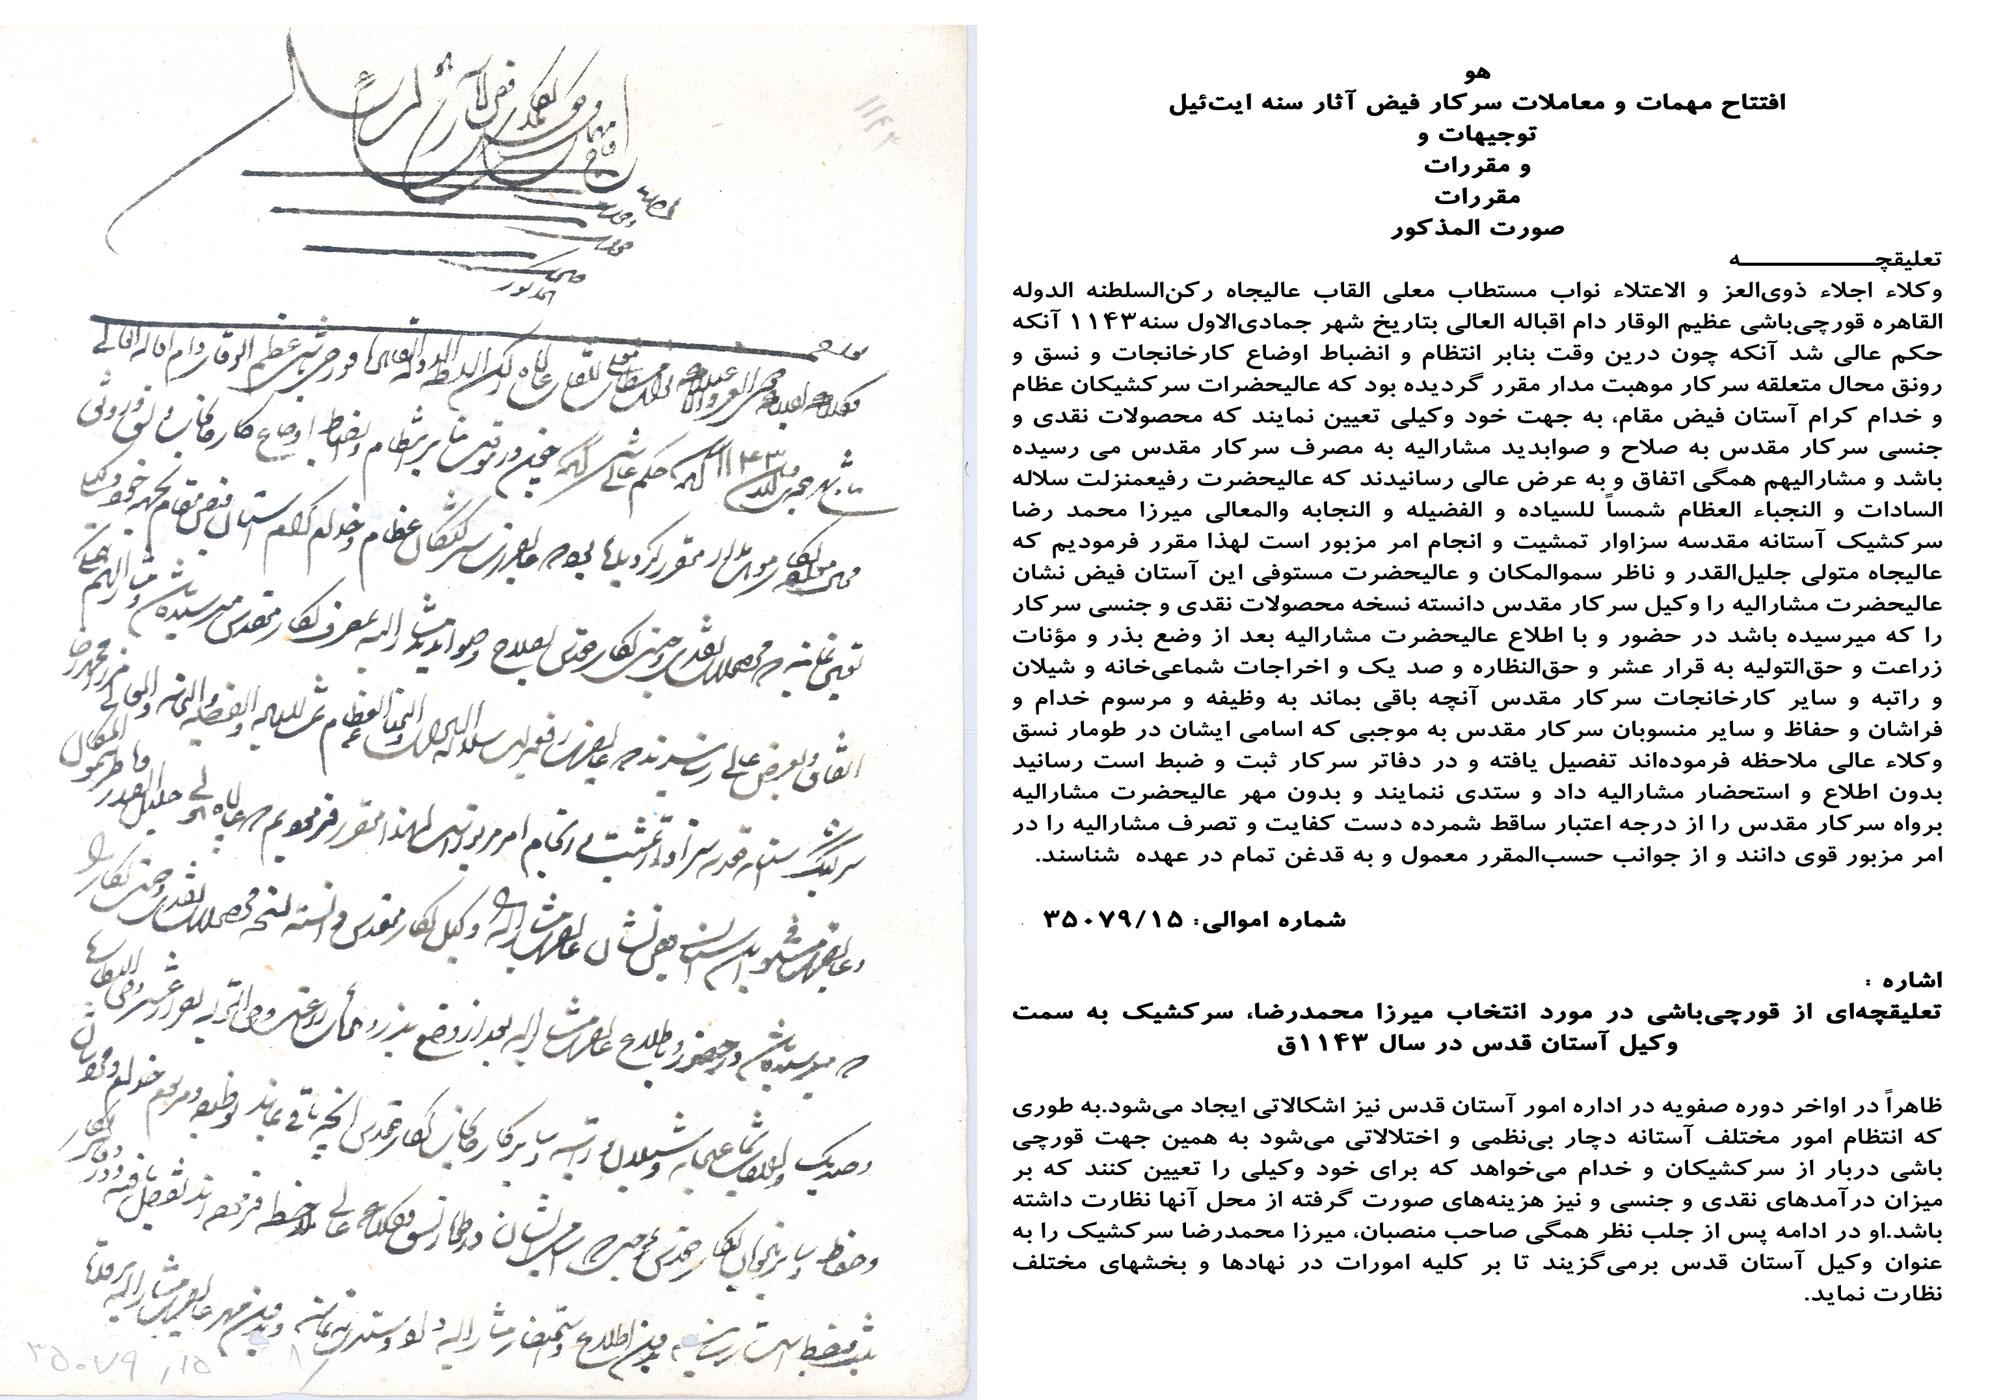 Documenti amministrativi di Astan-e Qods Razavi nell'era di Safavidi